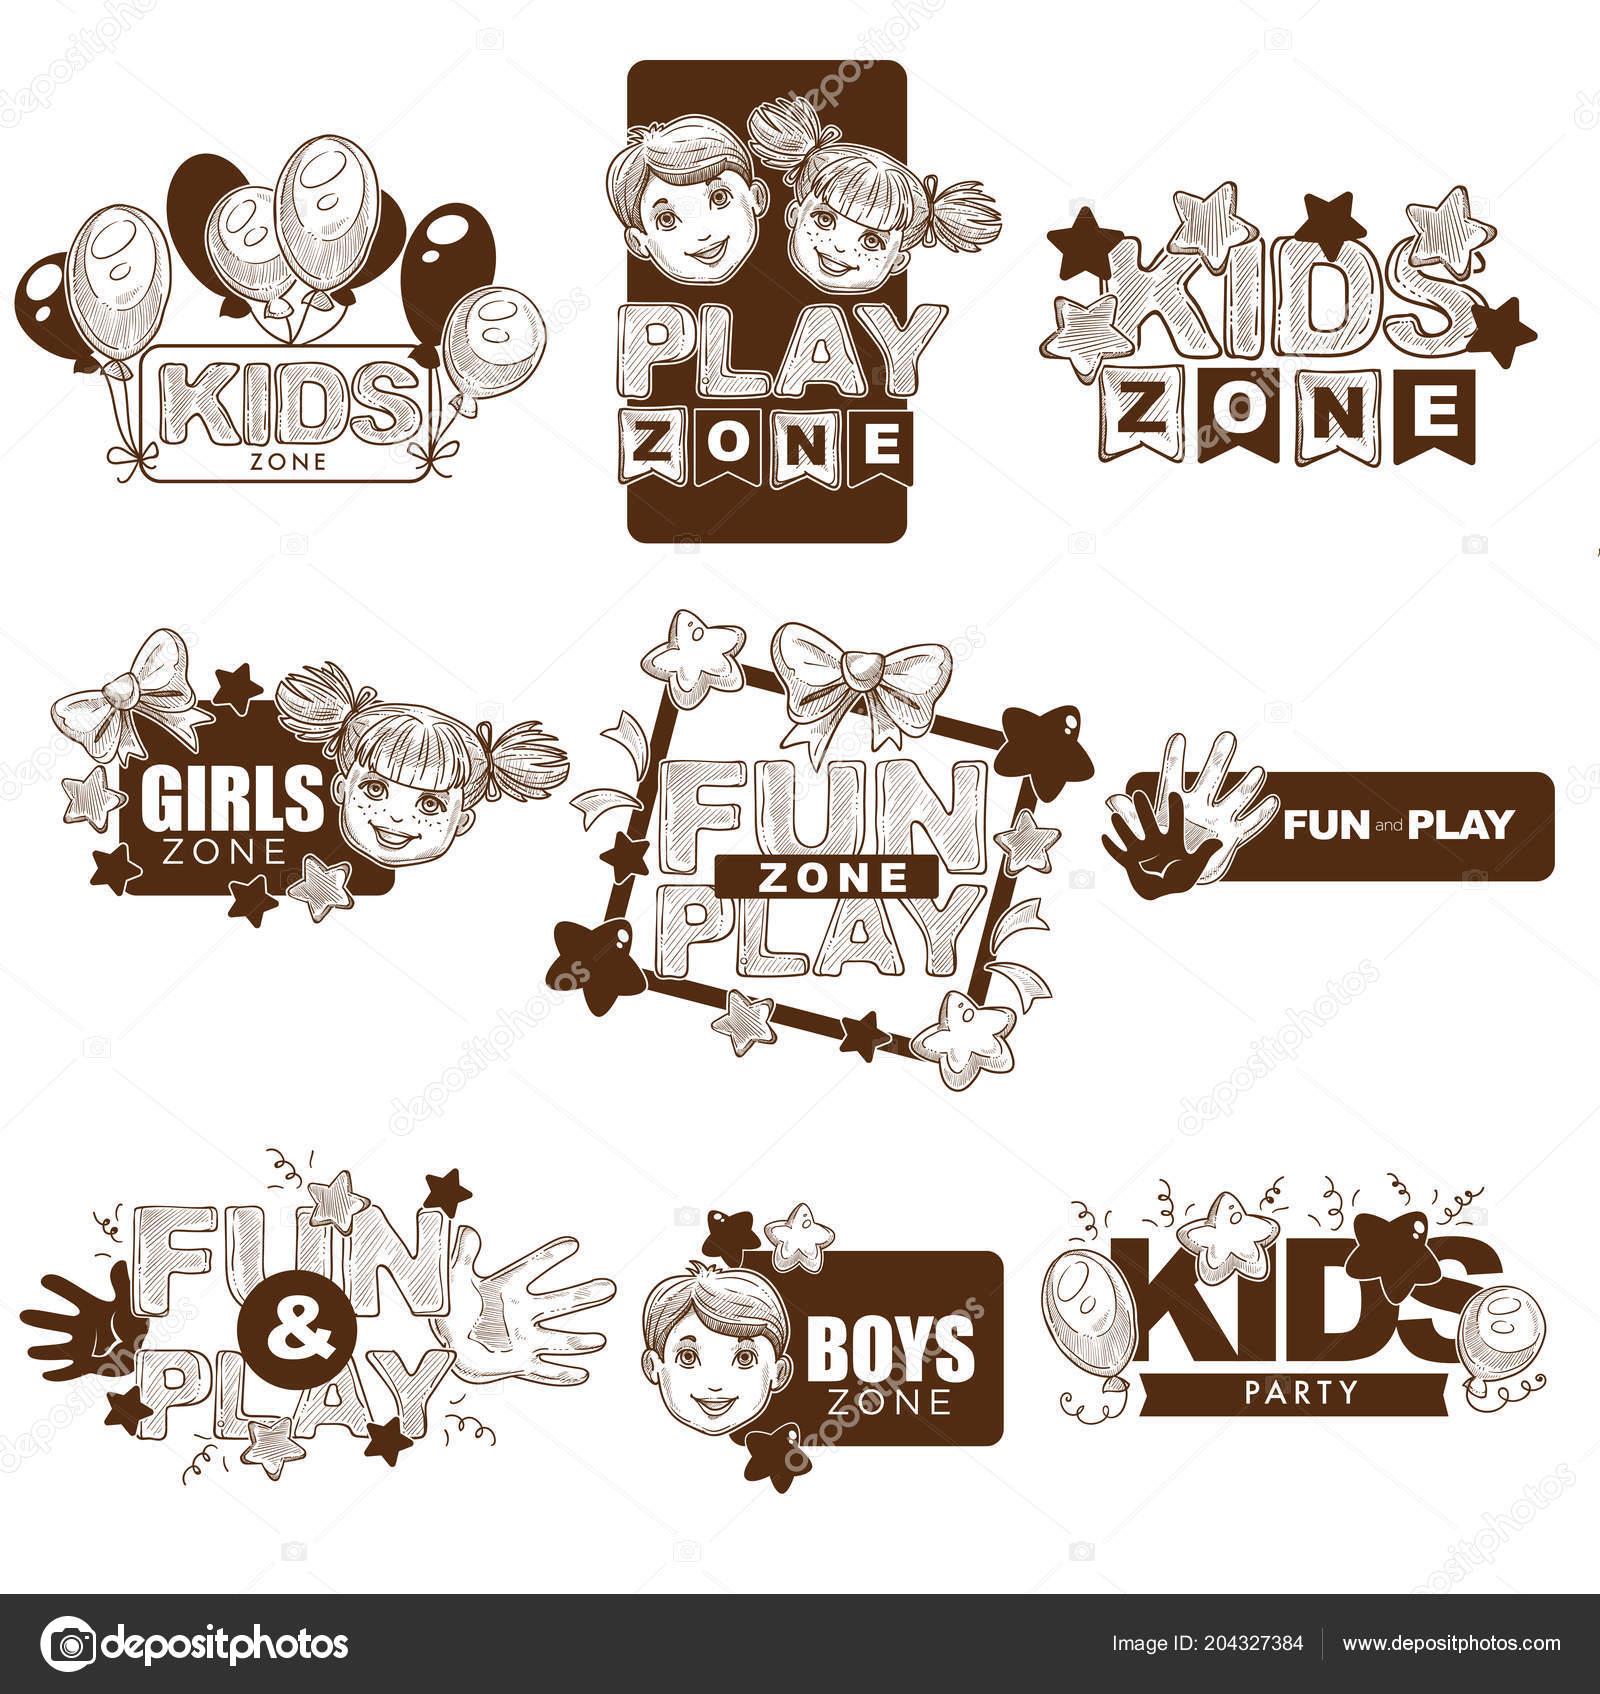 Niños Zona Vector Dibujo Logos Plantillas Para Parque Infantil ...